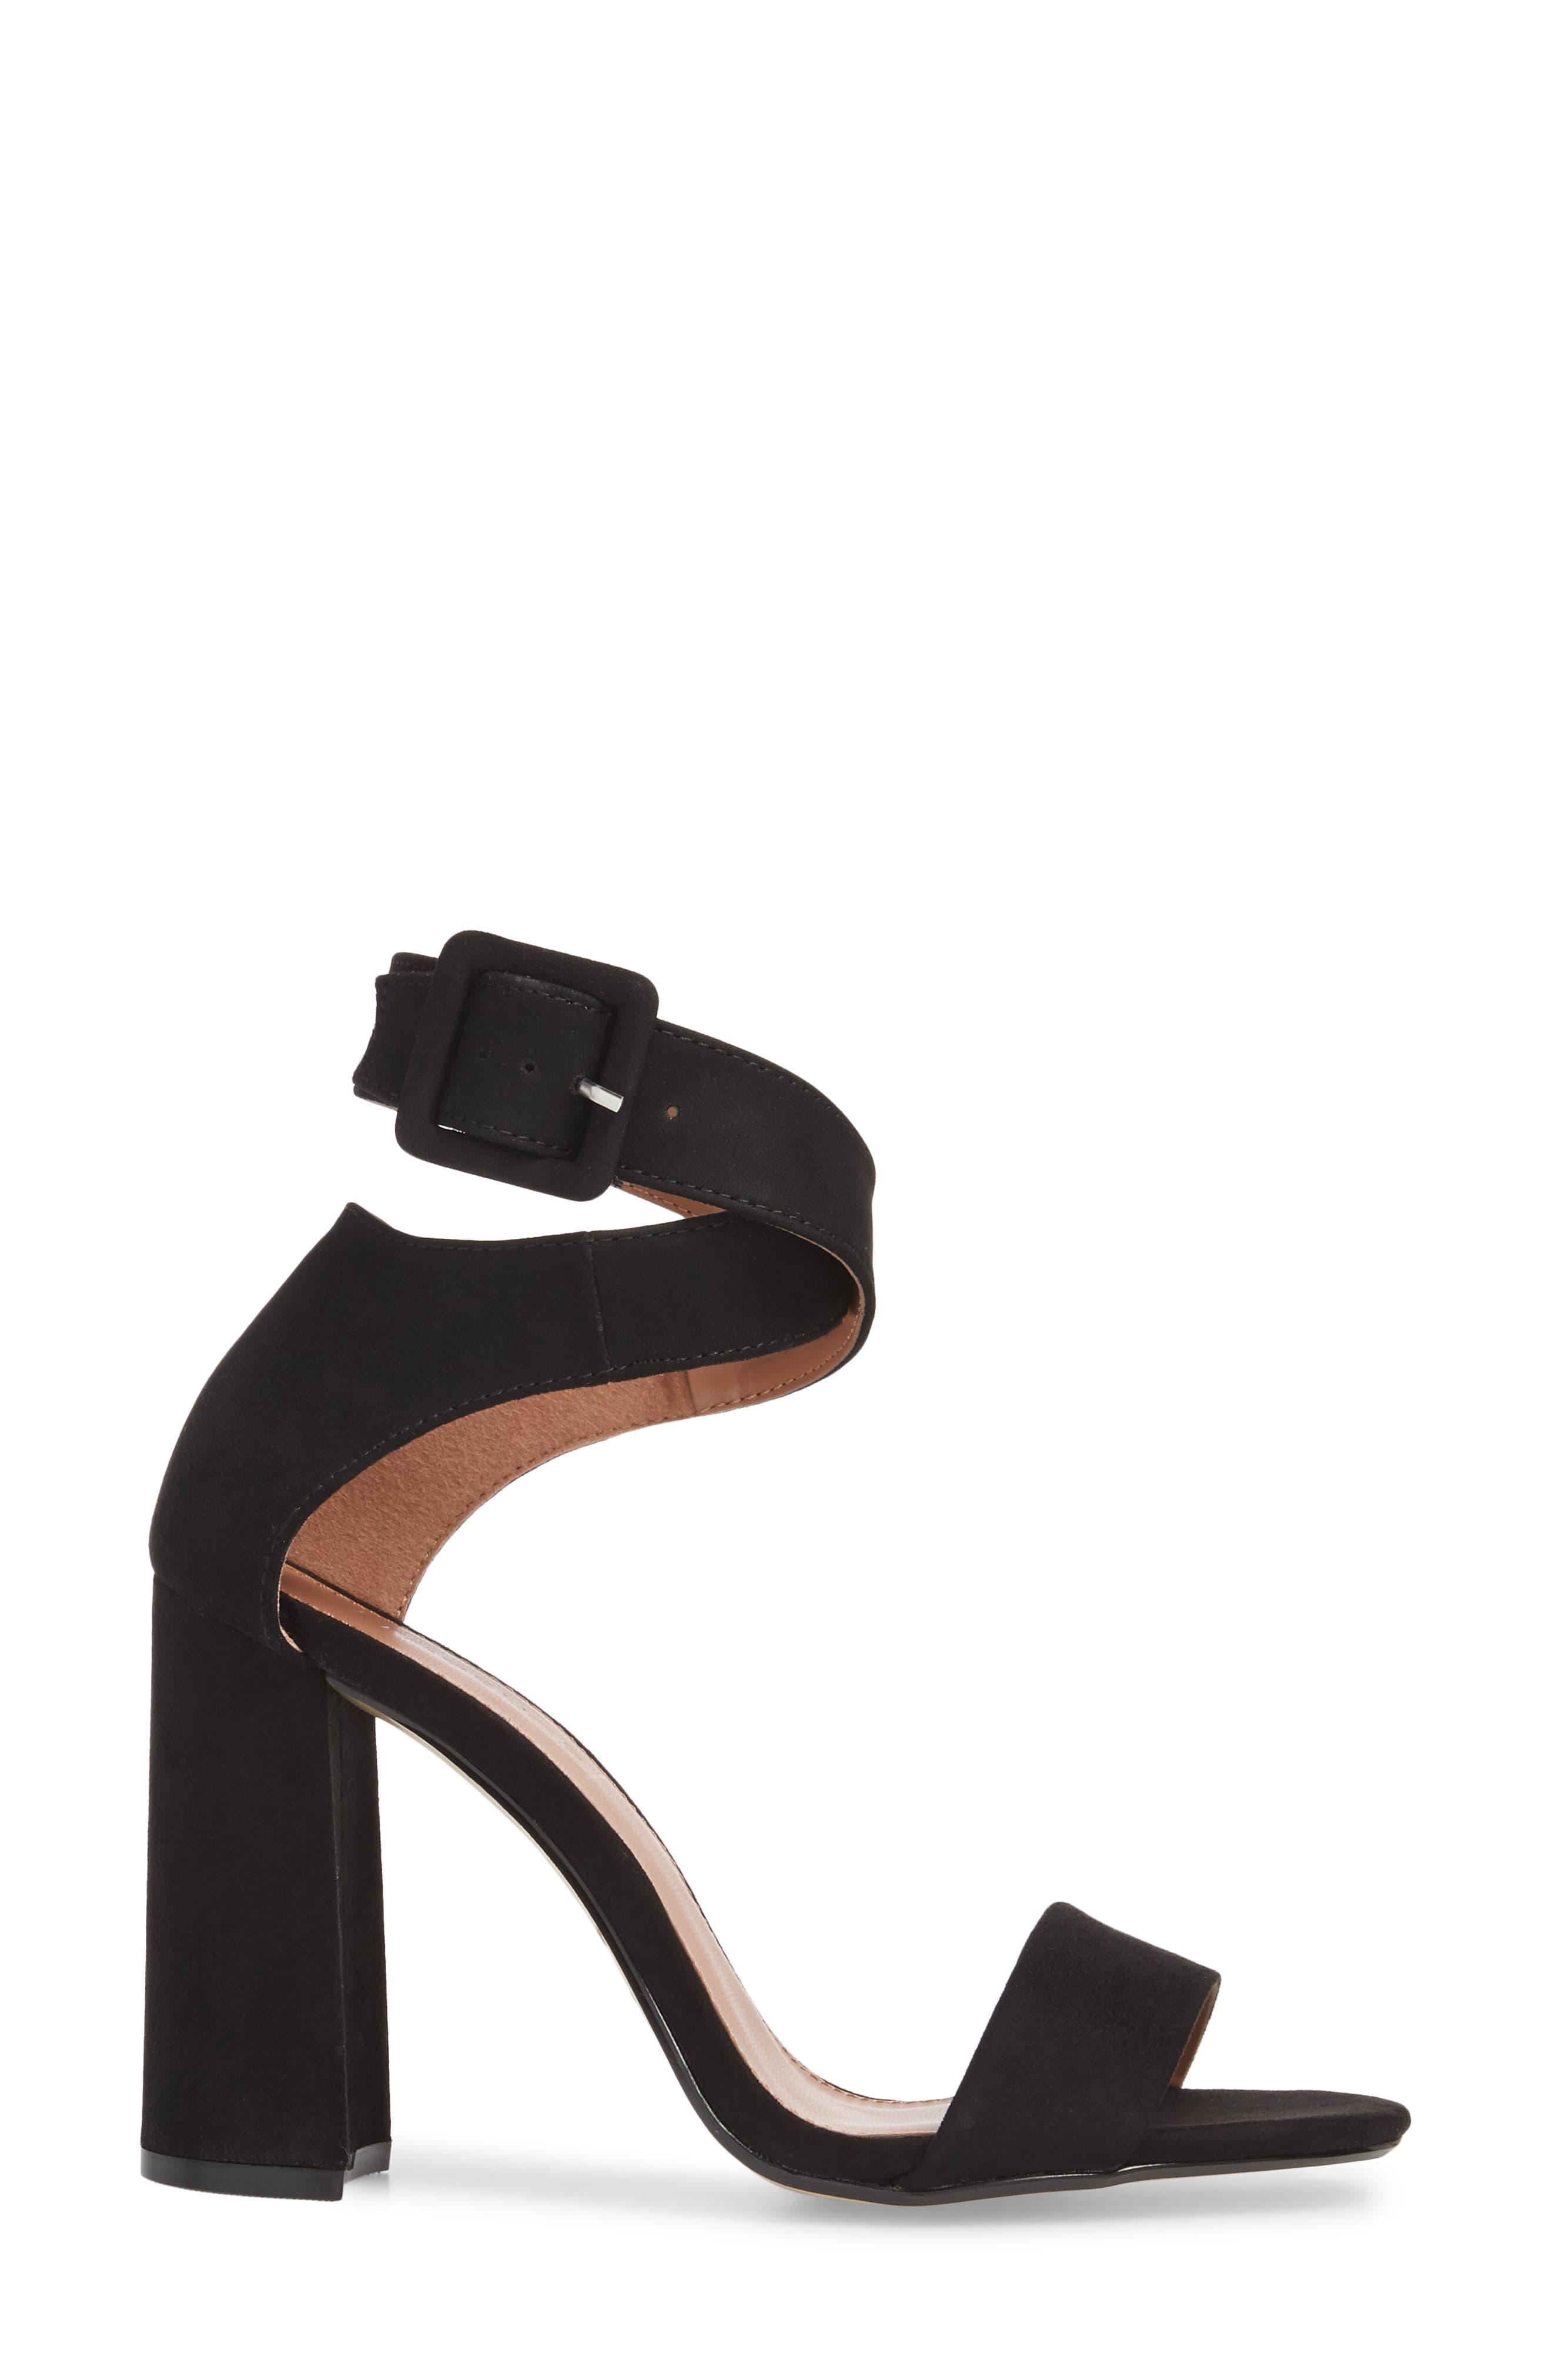 Sinitta Crossover Sandal,                             Alternate thumbnail 3, color,                             001